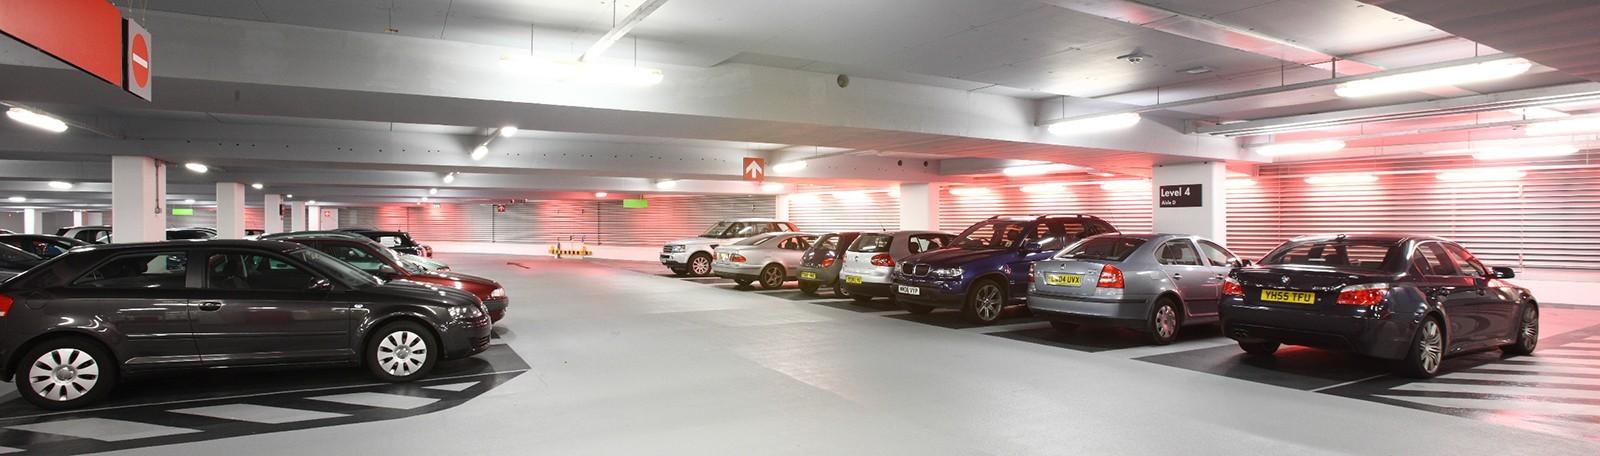 Car park Gare - Park in Valence | Q-Park